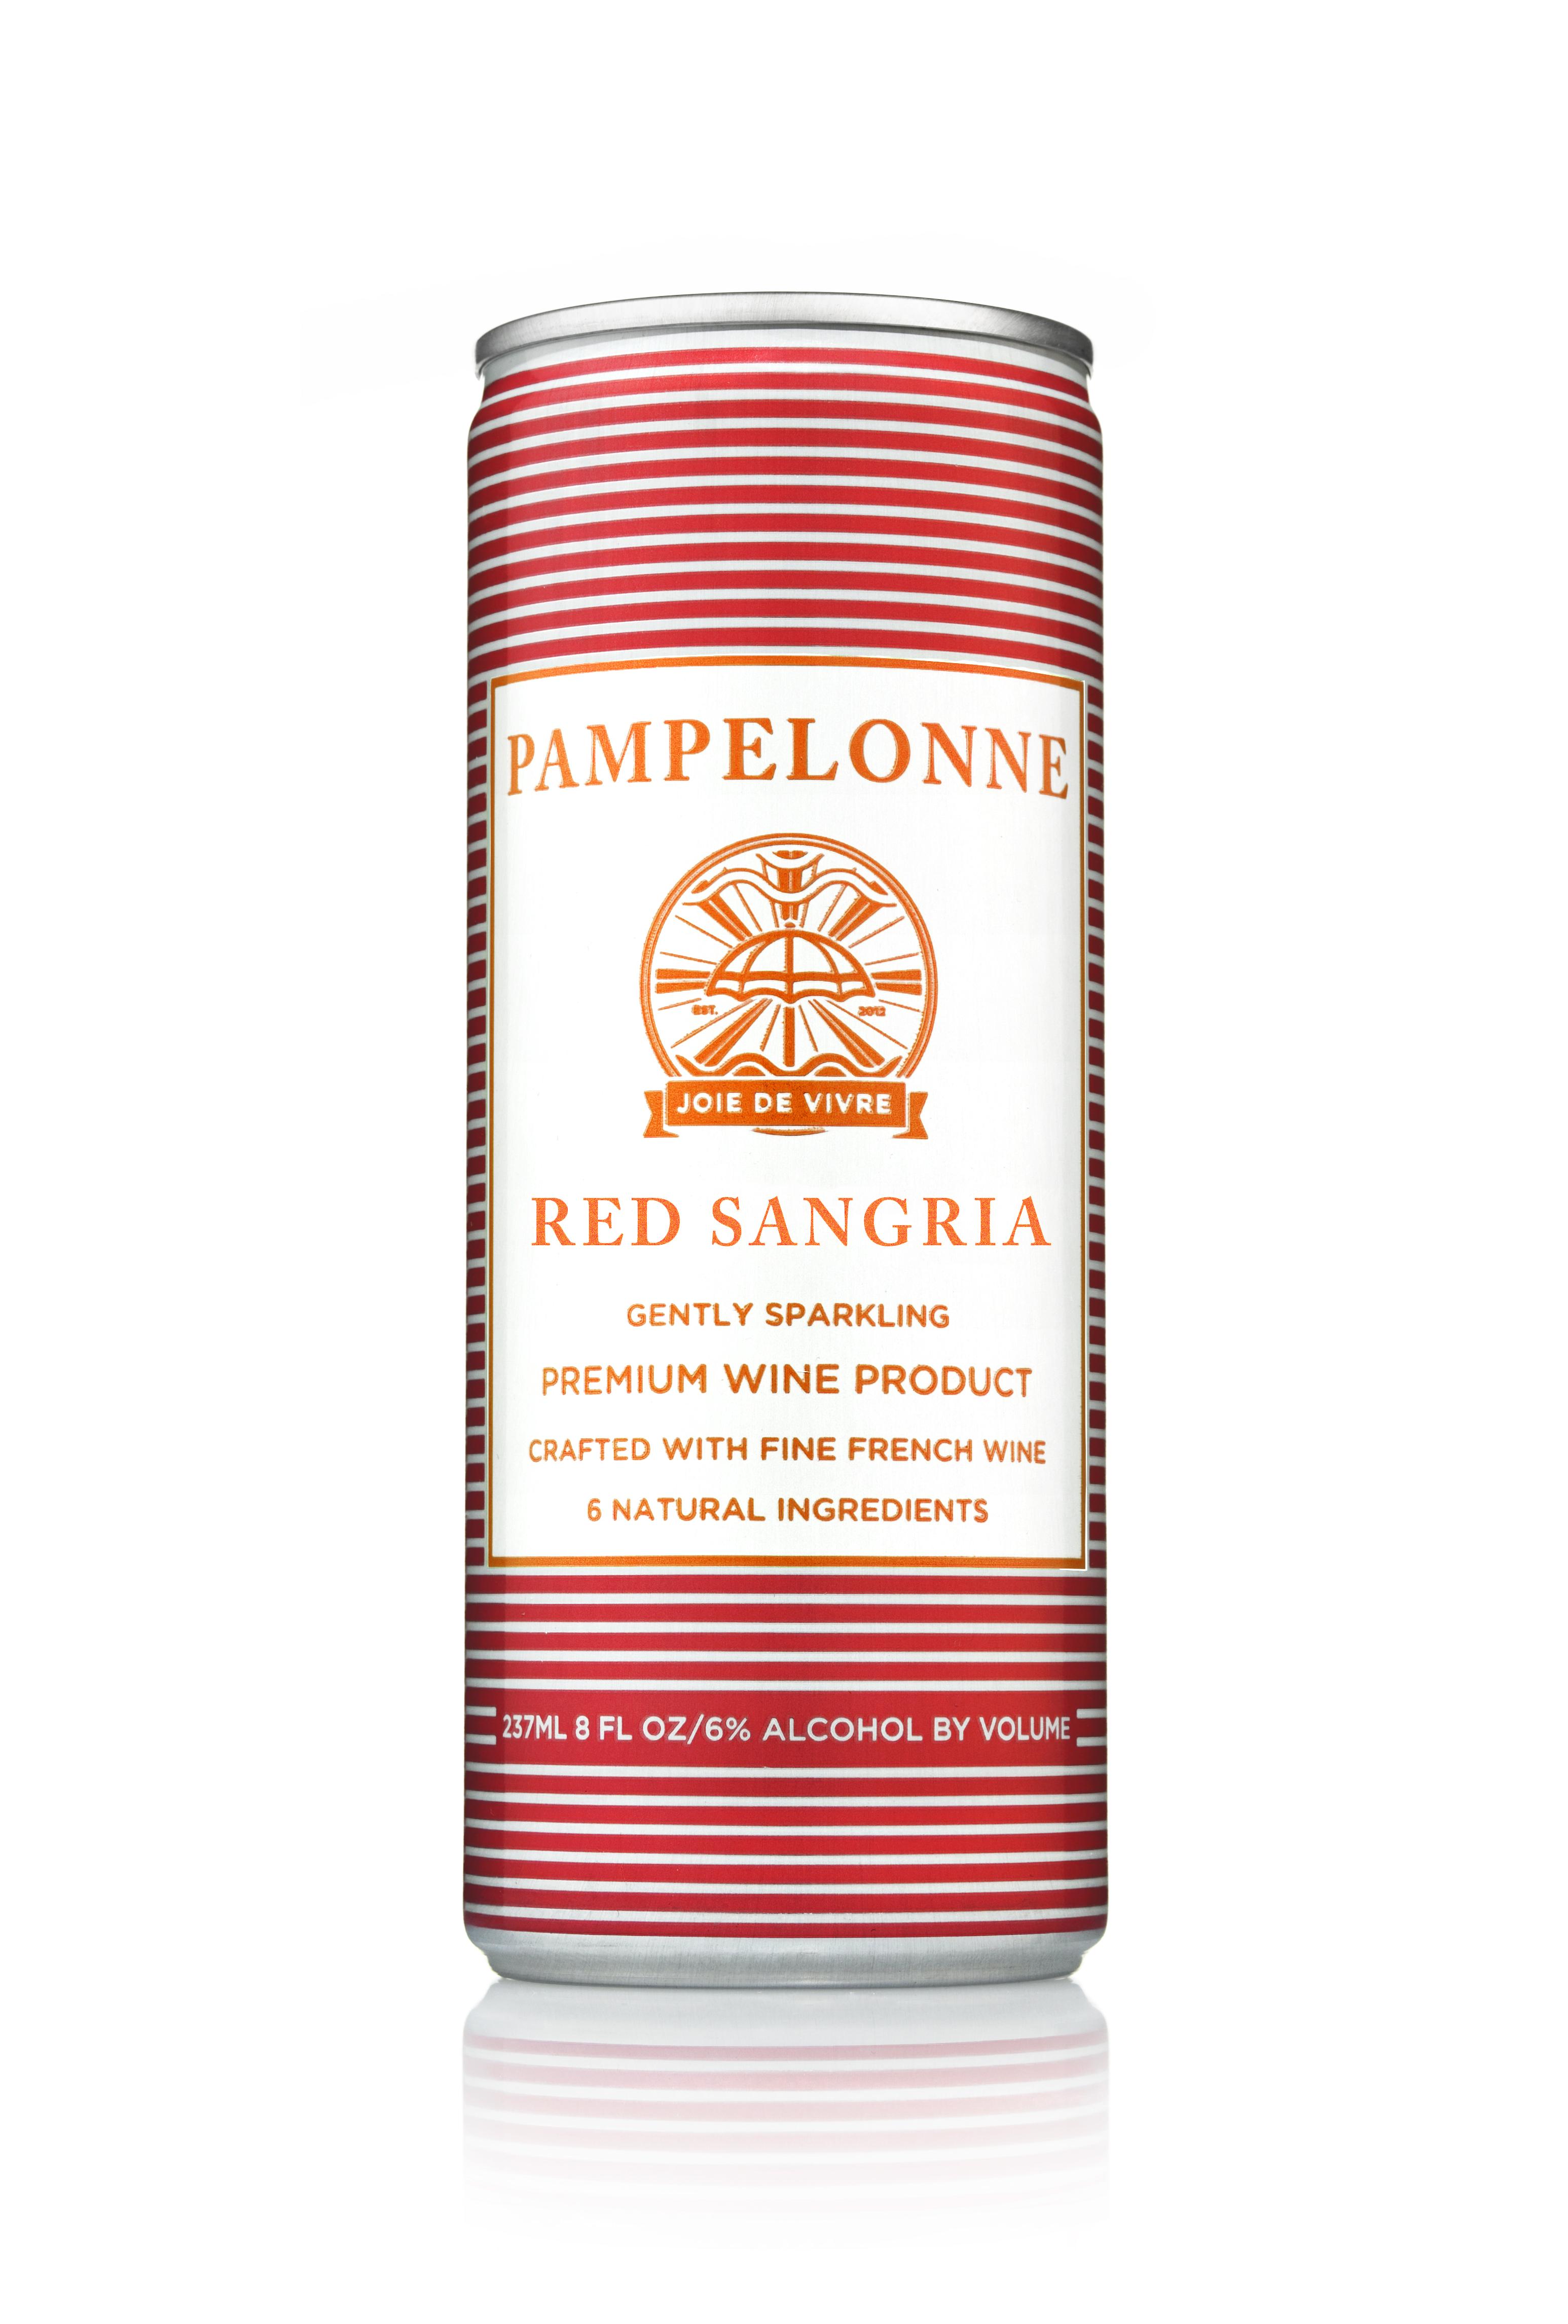 Pampelonne Red Sangria